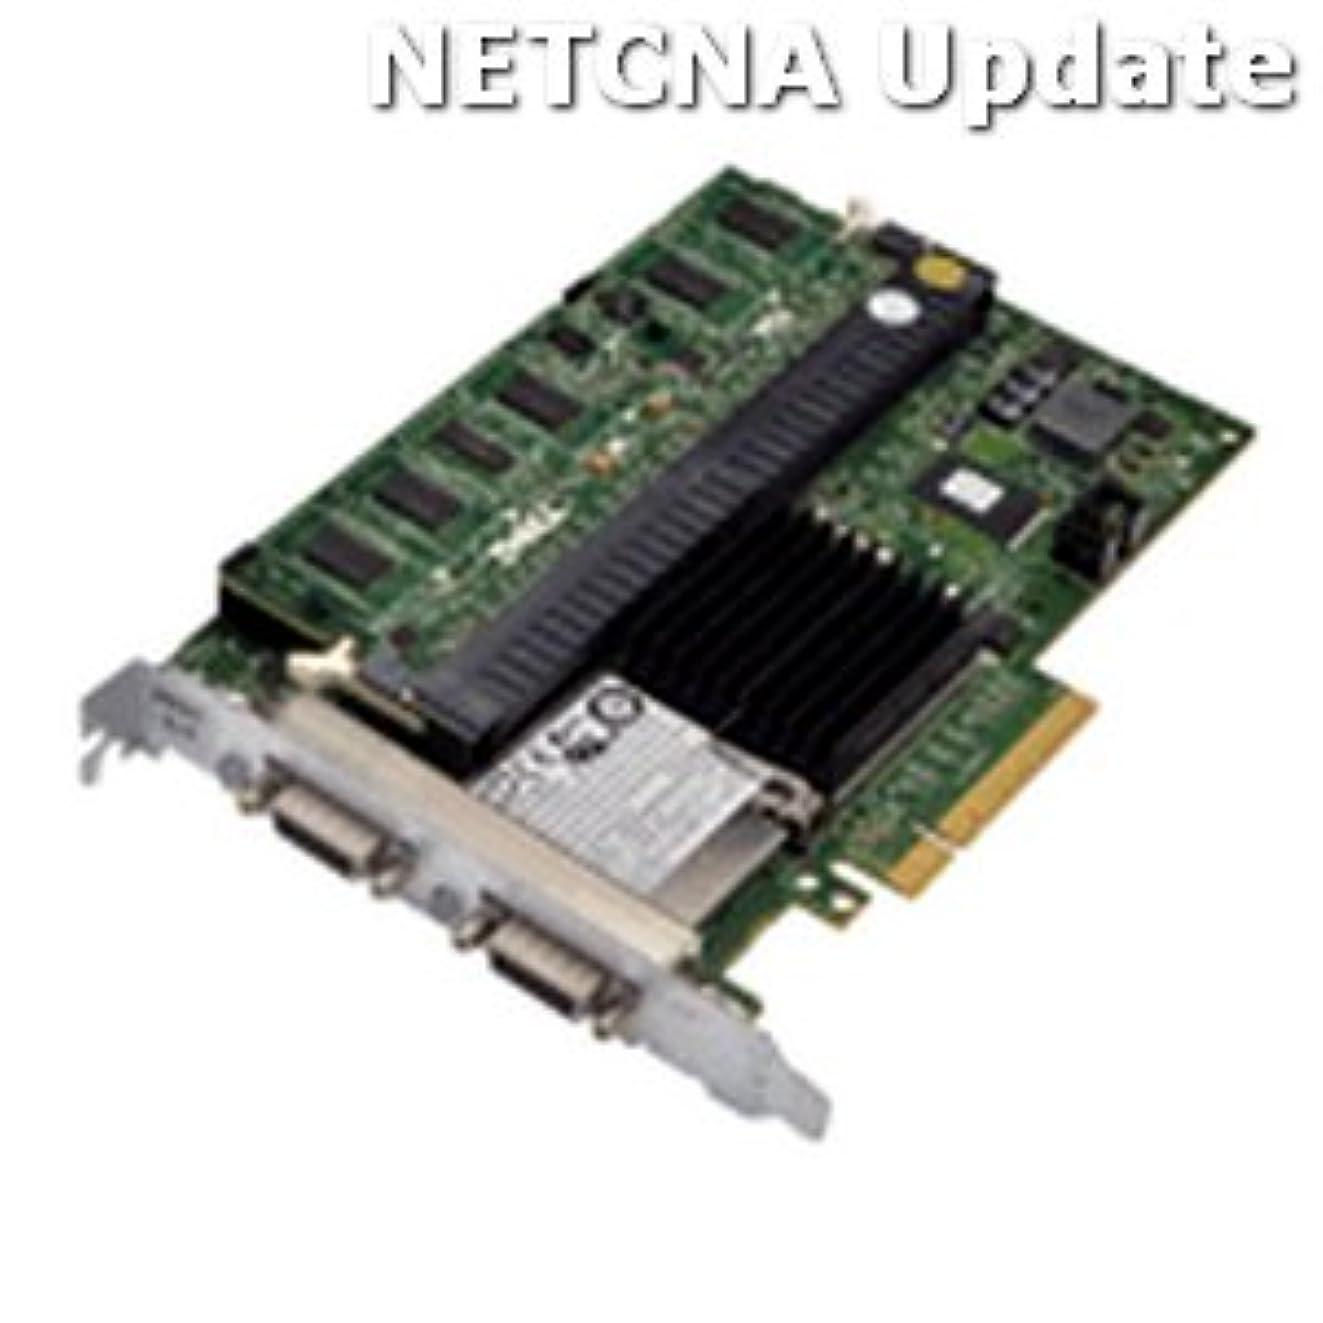 葉信頼性のある郵便局fy374 Dell PERC 6 / E 512 MB SAS RAIDコントローラ互換製品by NETCNA